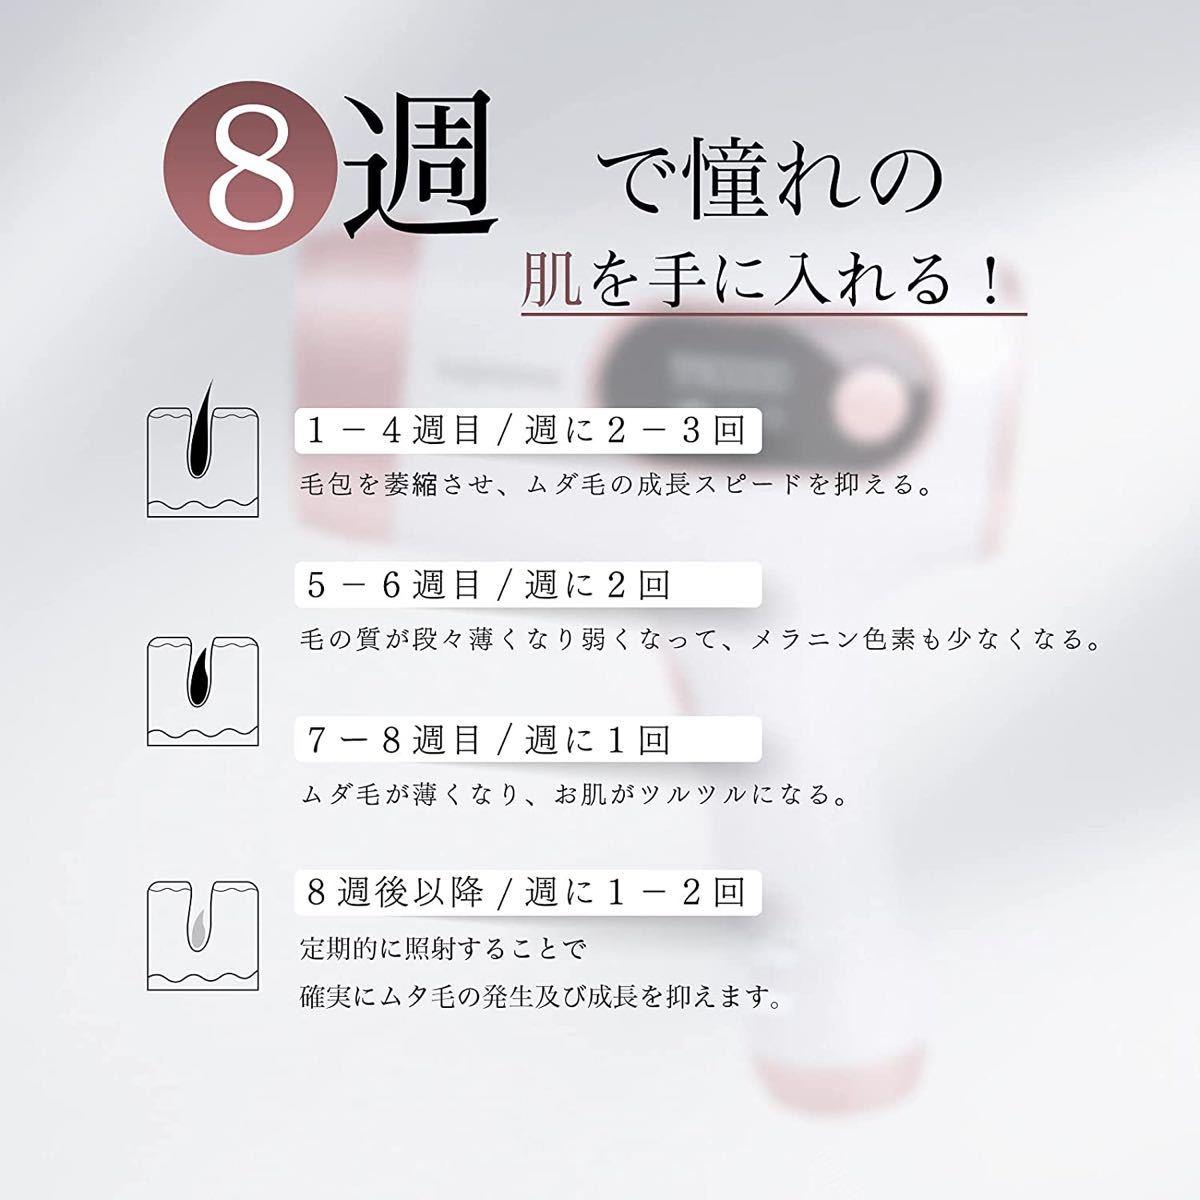 脱毛器 光美容器 冷感脱毛 IPL光脱毛器 全身脱毛 連続照射 段階調節 99万発照射 日本語説明書付き